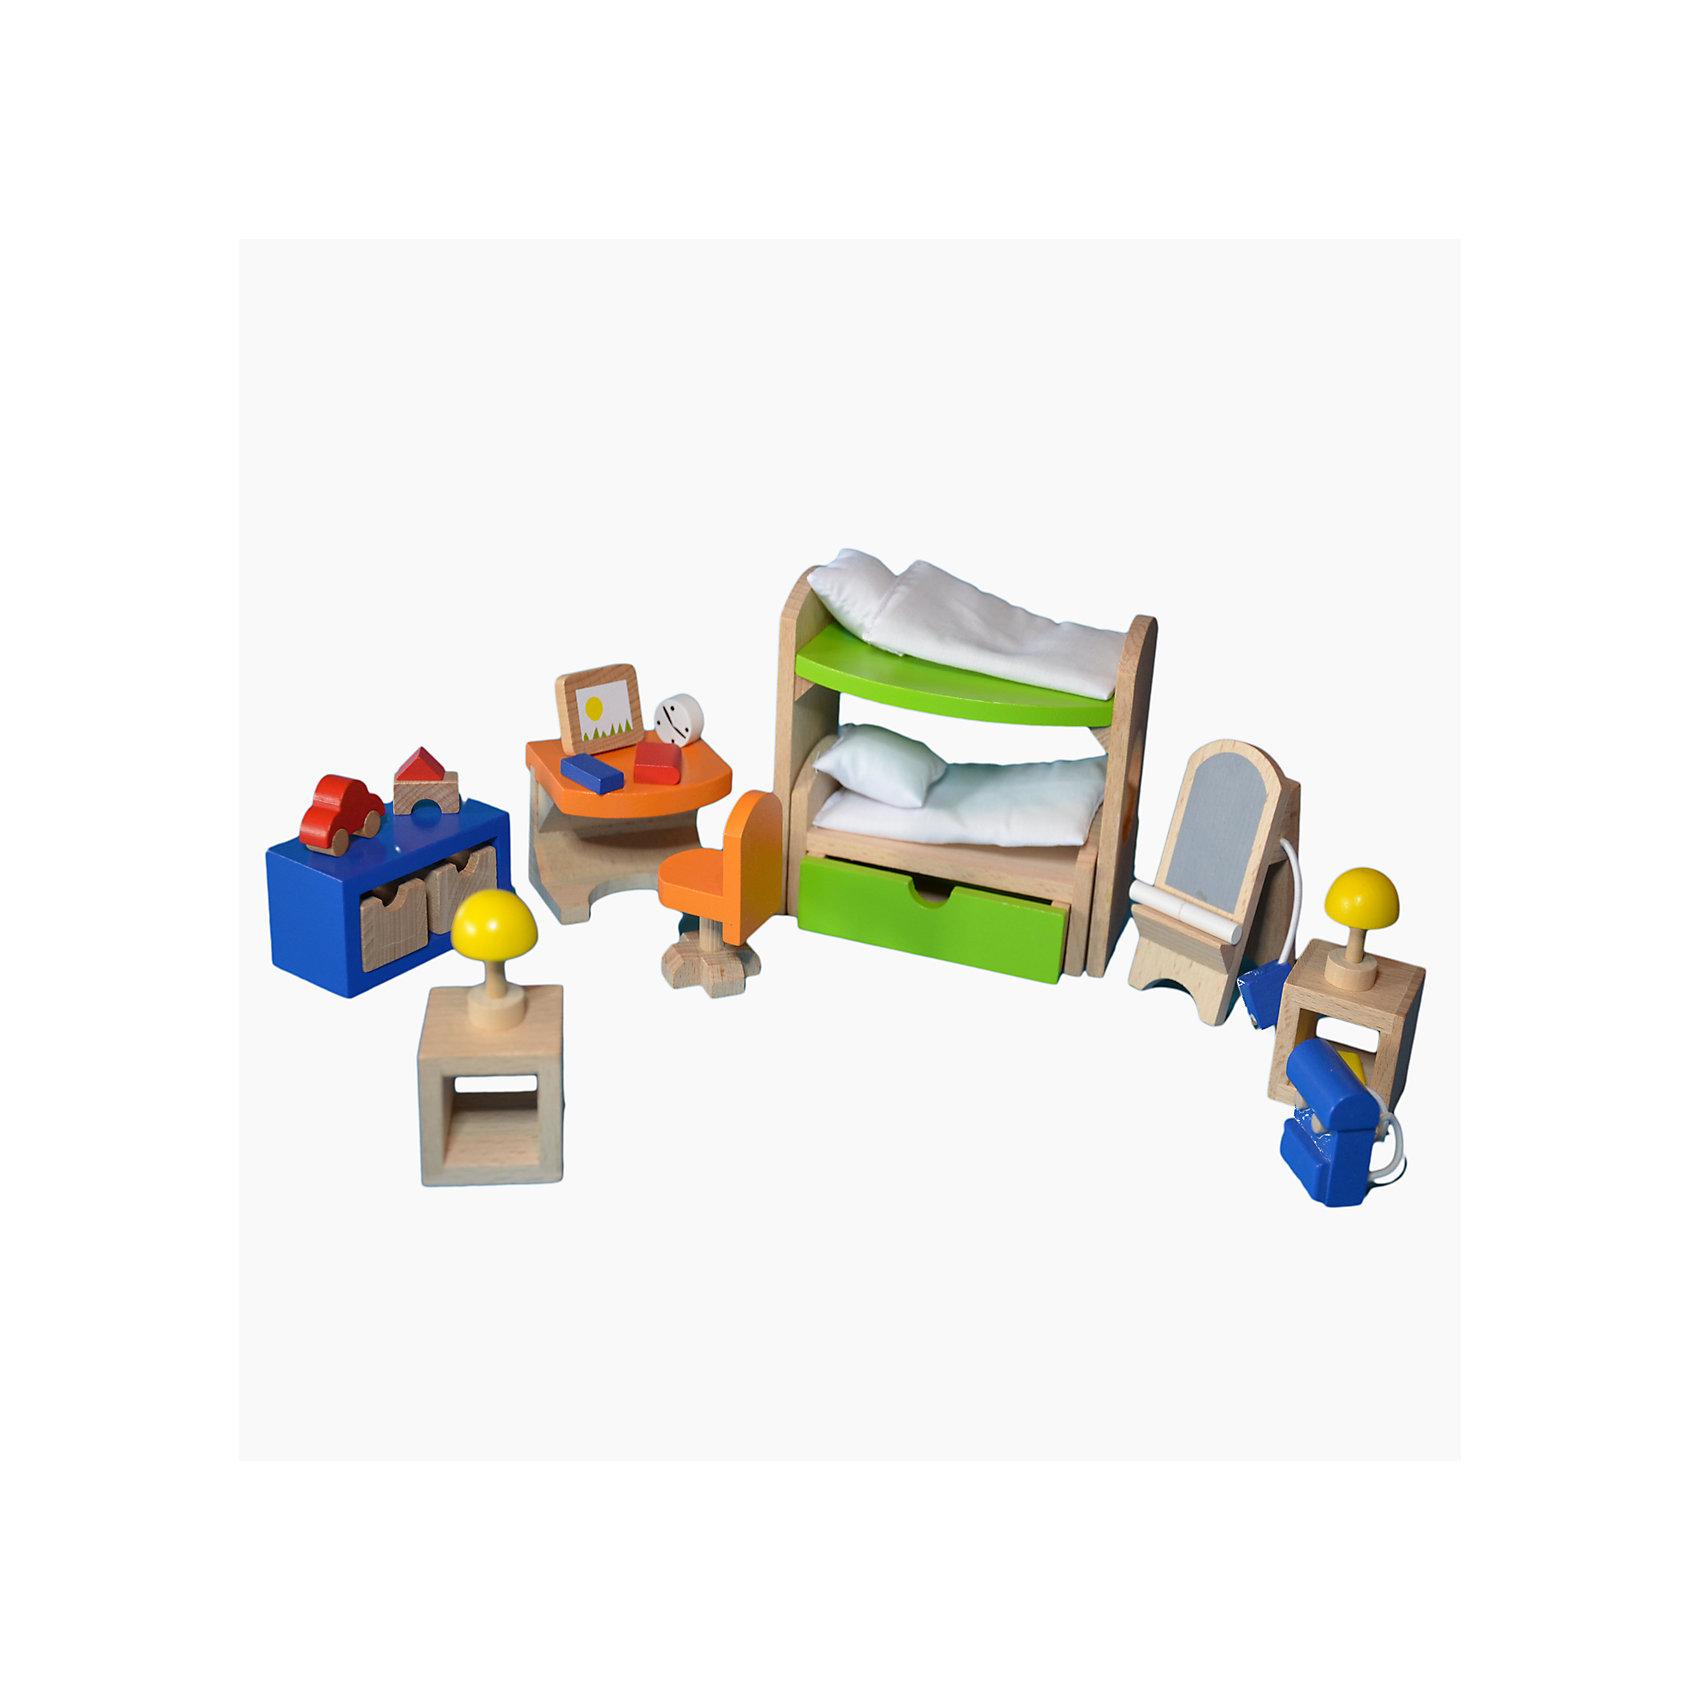 Мебель для кукольной детской с двухэтажной кроватью, gokiХарактеристики товара:<br><br>- цвет: разноцветный;<br>- материал: дерево;<br>- возраст: от трех лет;<br>- комплектация: 28 предметов.<br><br>Этот симпатичный набор из множества предметов, необходимых в кукольной детской, приводит детей в восторг! Какая девочка сможет отказаться поиграть с куклами, которые имеют детскую, так похожую на настоящую?! В набор входят самые необходимые для этого помещения вещи. Игрушки очень качественно выполнены, поэтому набор станет замечательным подарком ребенку. <br>Продается набор в красивой удобной упаковке. Игры с куклами помогают девочкам развить важные навыки и отработать модели социального взаимодействия. Изделие произведено из высококачественного материала, безопасного для детей.<br><br>Мебель для кукольной детской с двухэтажной кроватью от германского бренда GOKI можно купить в нашем интернет-магазине.<br><br>Ширина мм: 104<br>Глубина мм: 104<br>Высота мм: 104<br>Вес г: 478<br>Возраст от месяцев: 36<br>Возраст до месяцев: 144<br>Пол: Женский<br>Возраст: Детский<br>SKU: 5155317